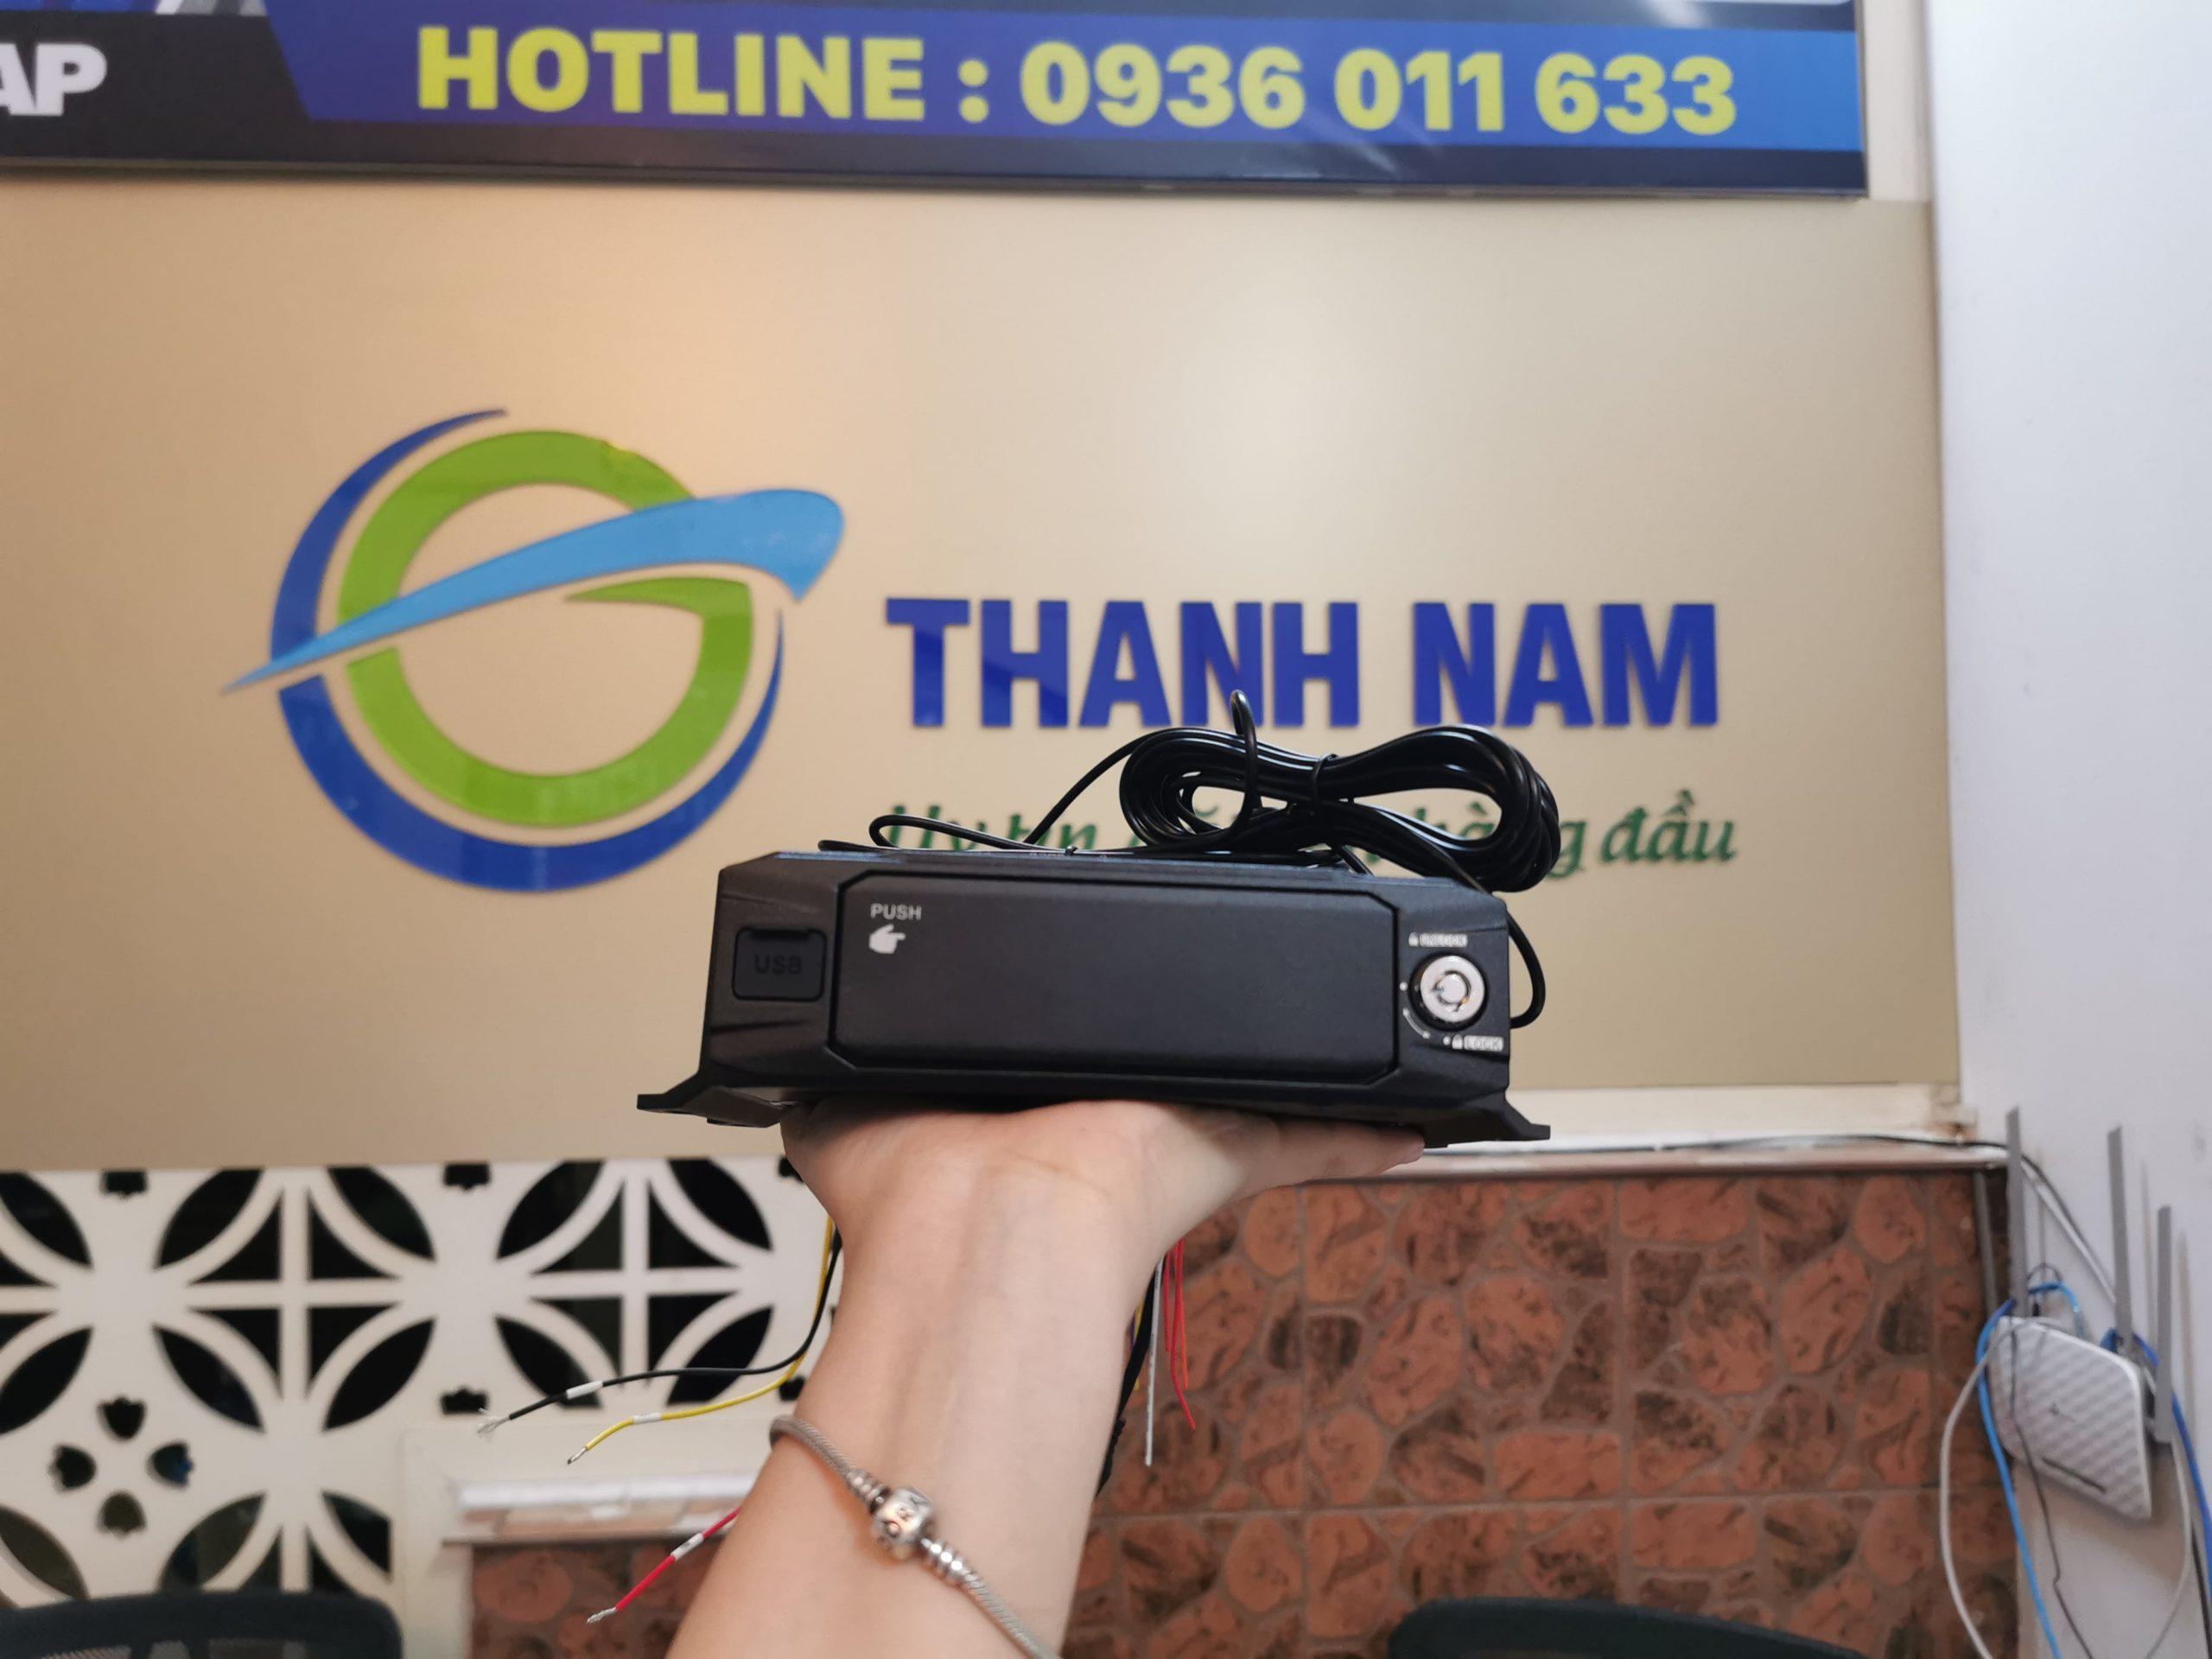 thành nam gps - địa chỉ lắp camera hợp chuẩn nghị định 10 chính hãng